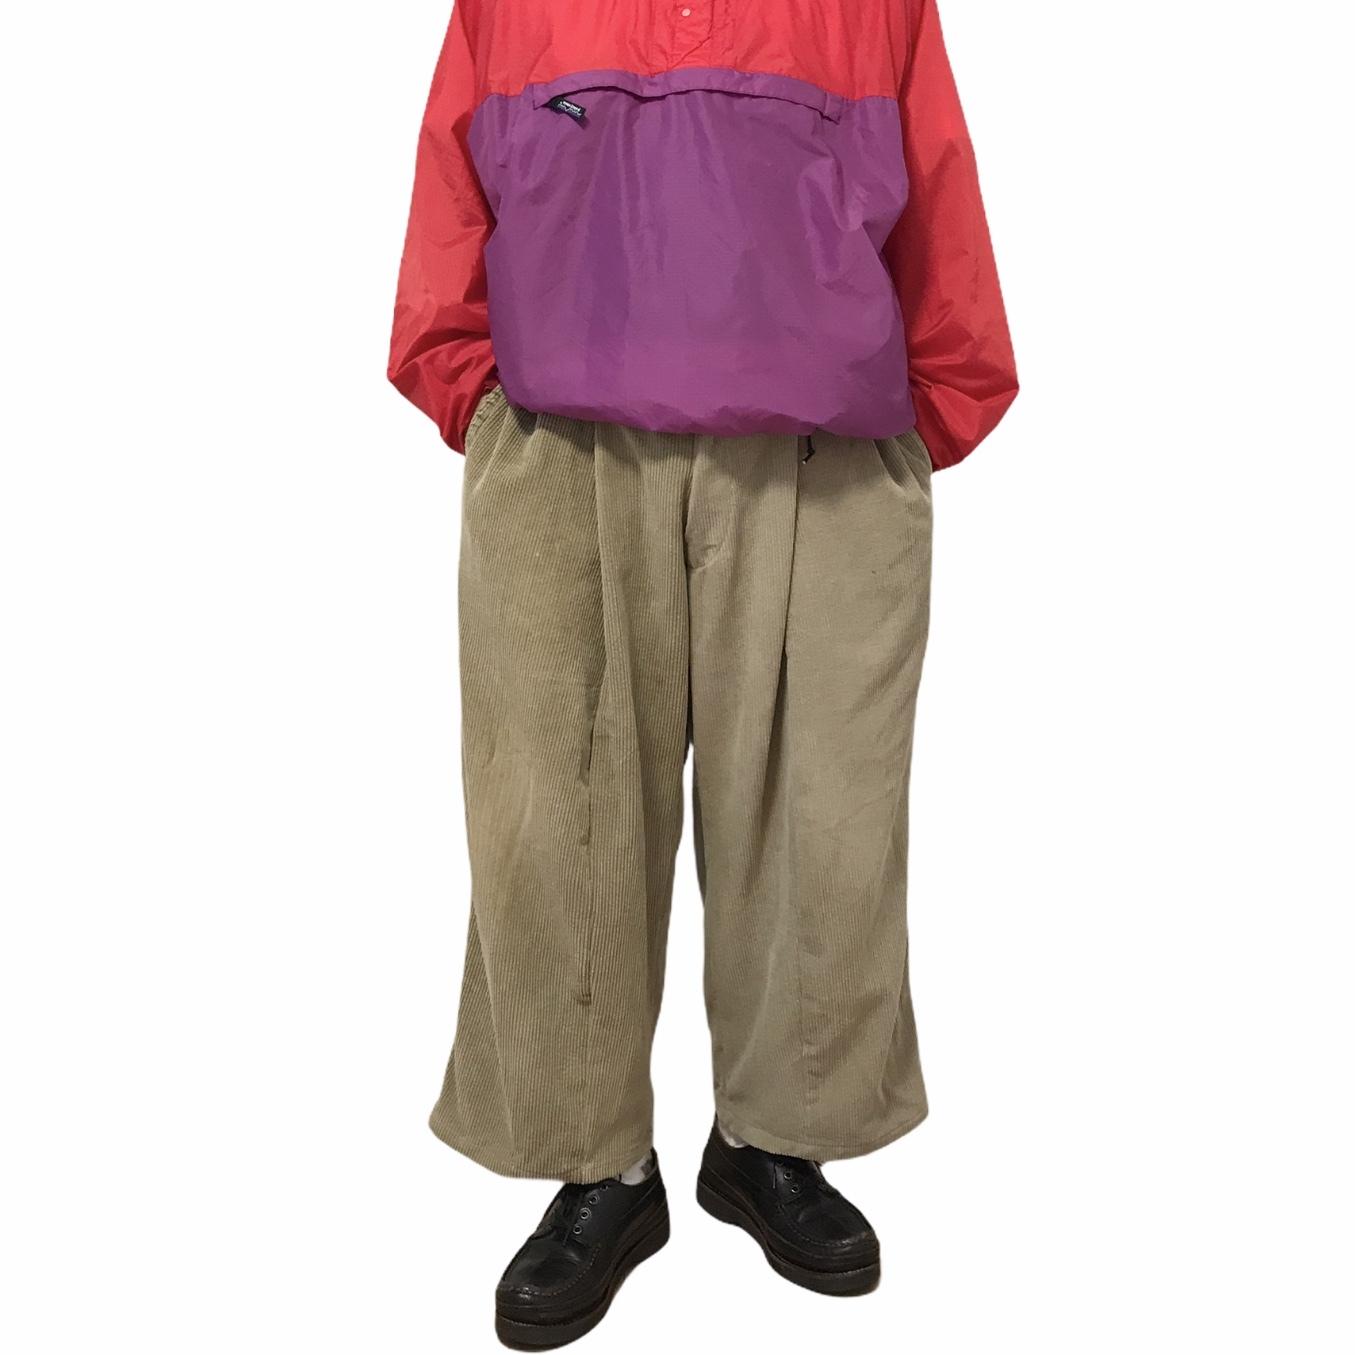 ① LIOT*Ralph Lauren Wide Corduroy Docking pants